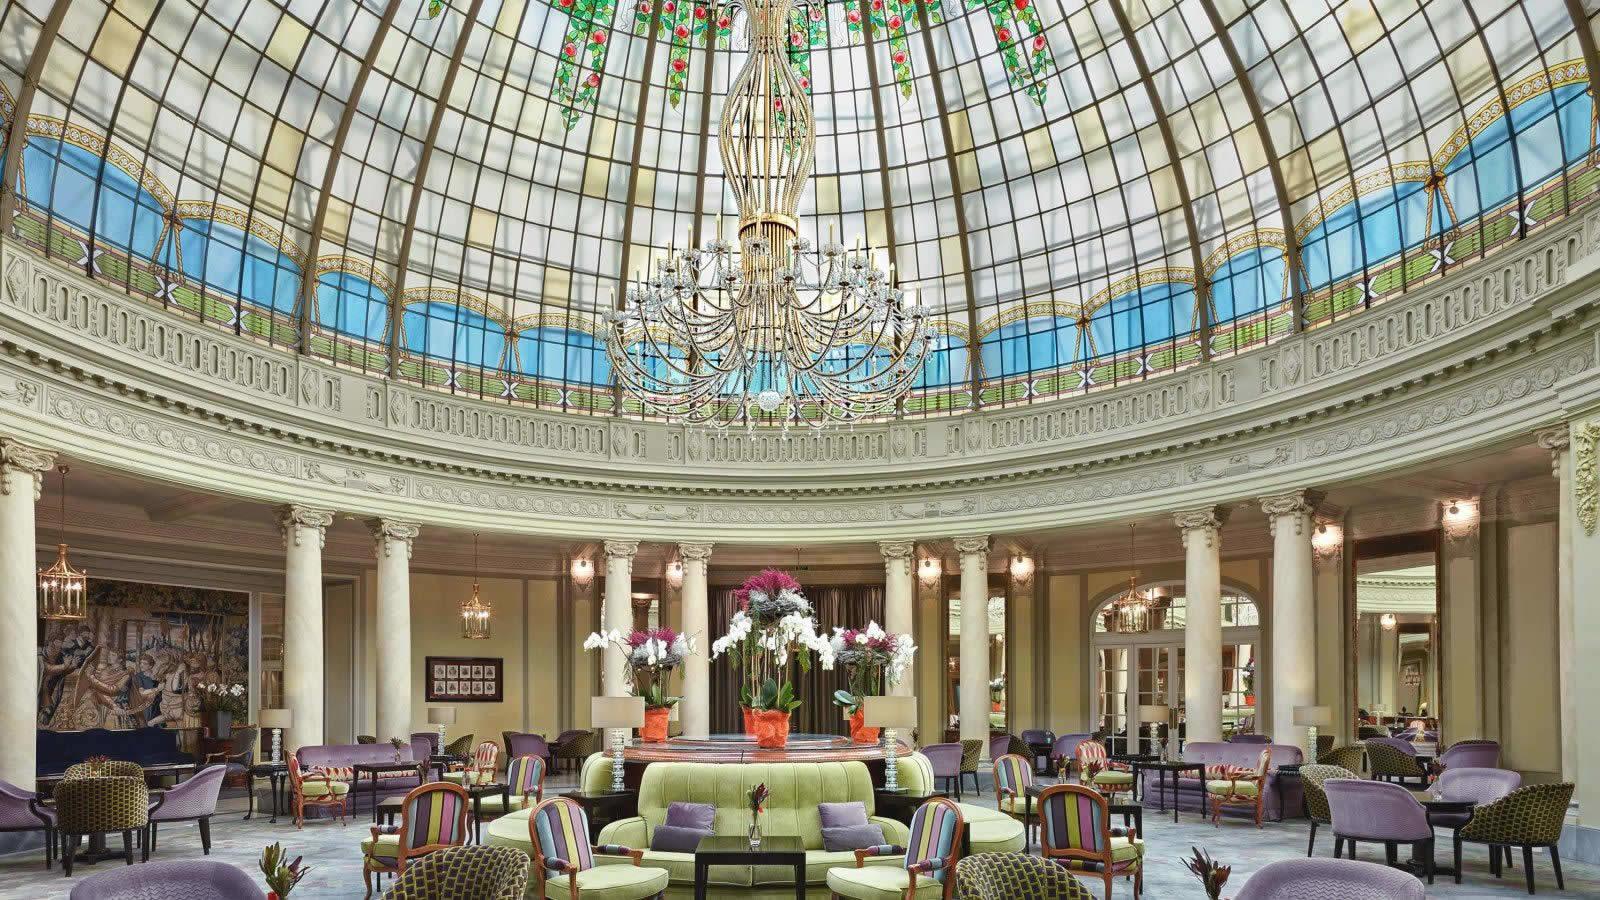 Les h tels les plus luxueux du monde for Hotel dans le monde